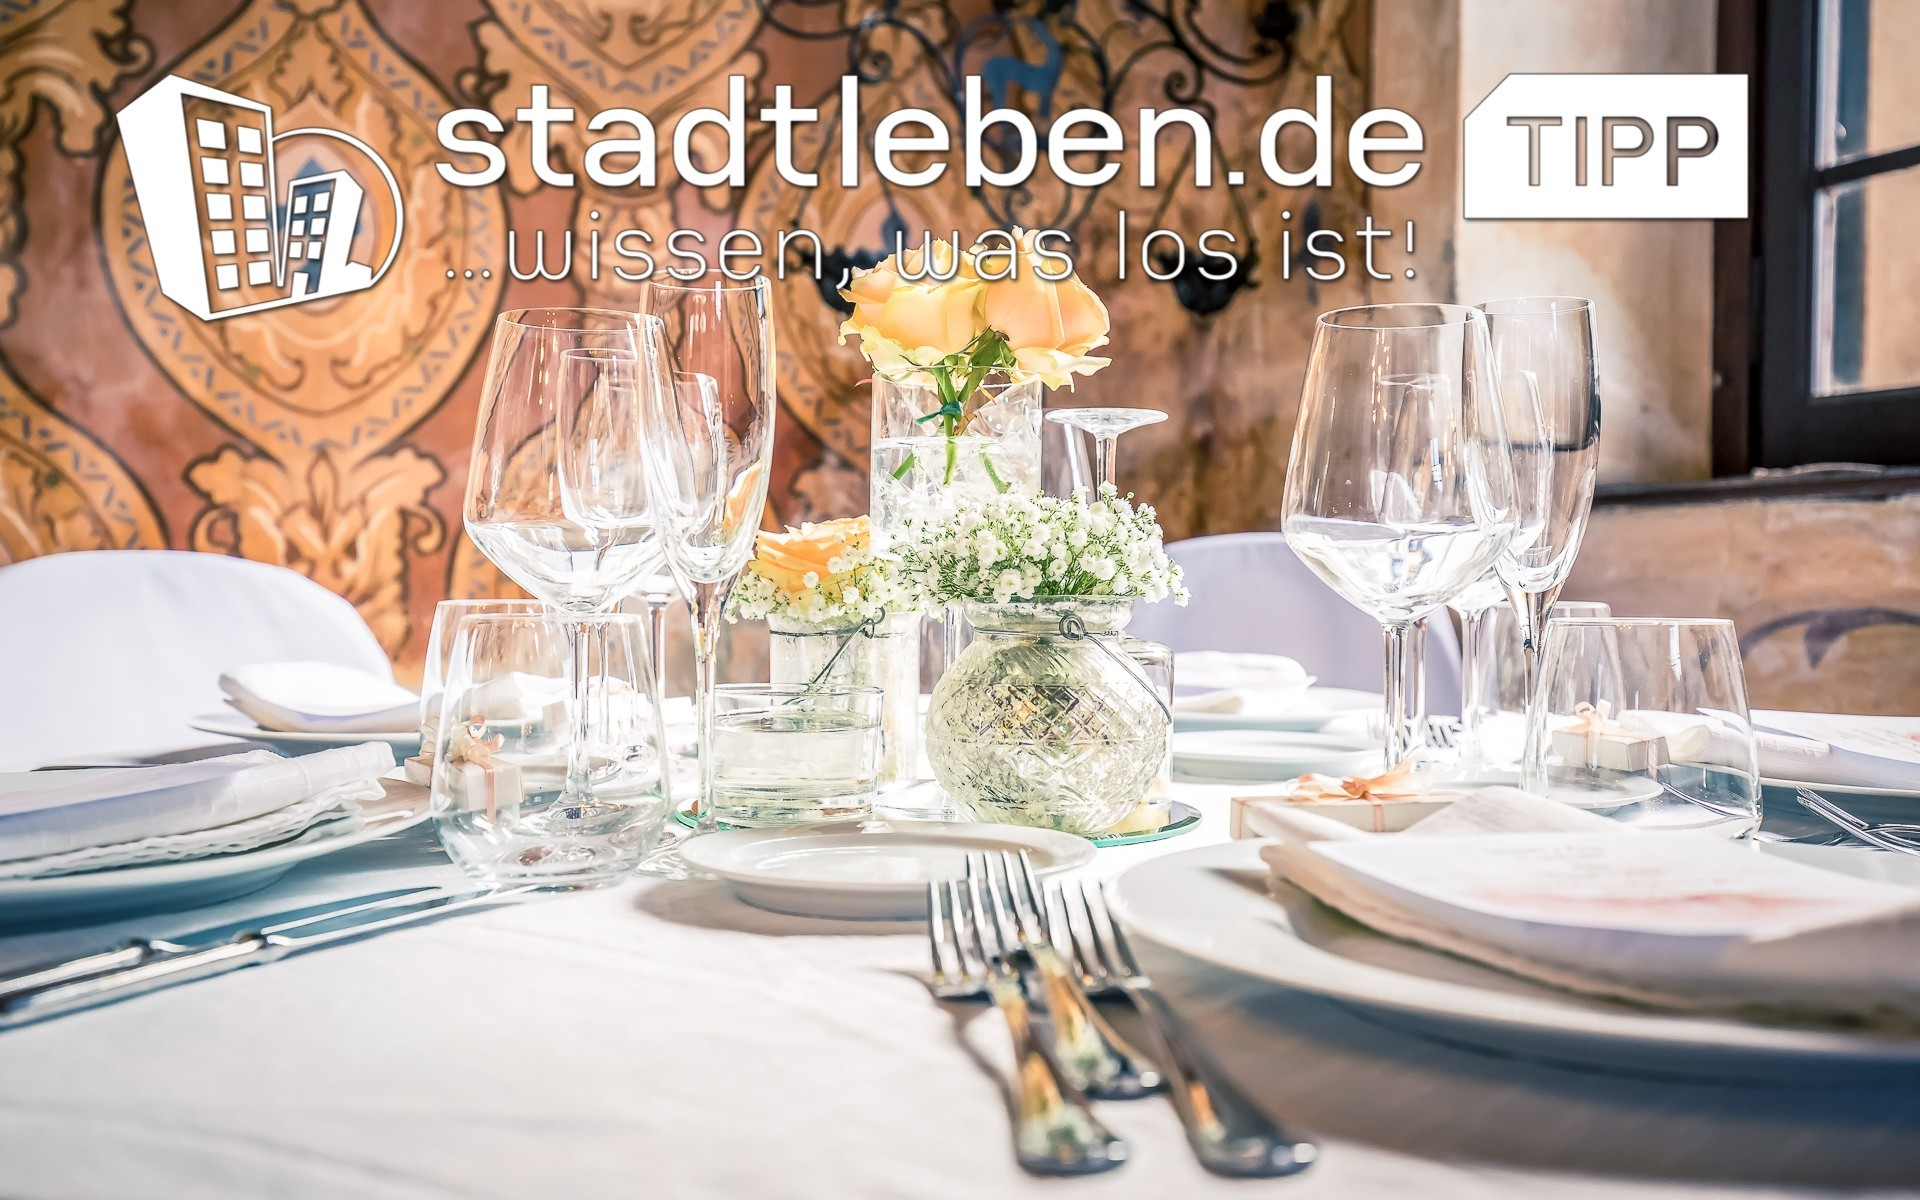 Eventlocations in Deutschland, Gedeckter Tisch, Teller, Gäbel, Löffel, Blumen